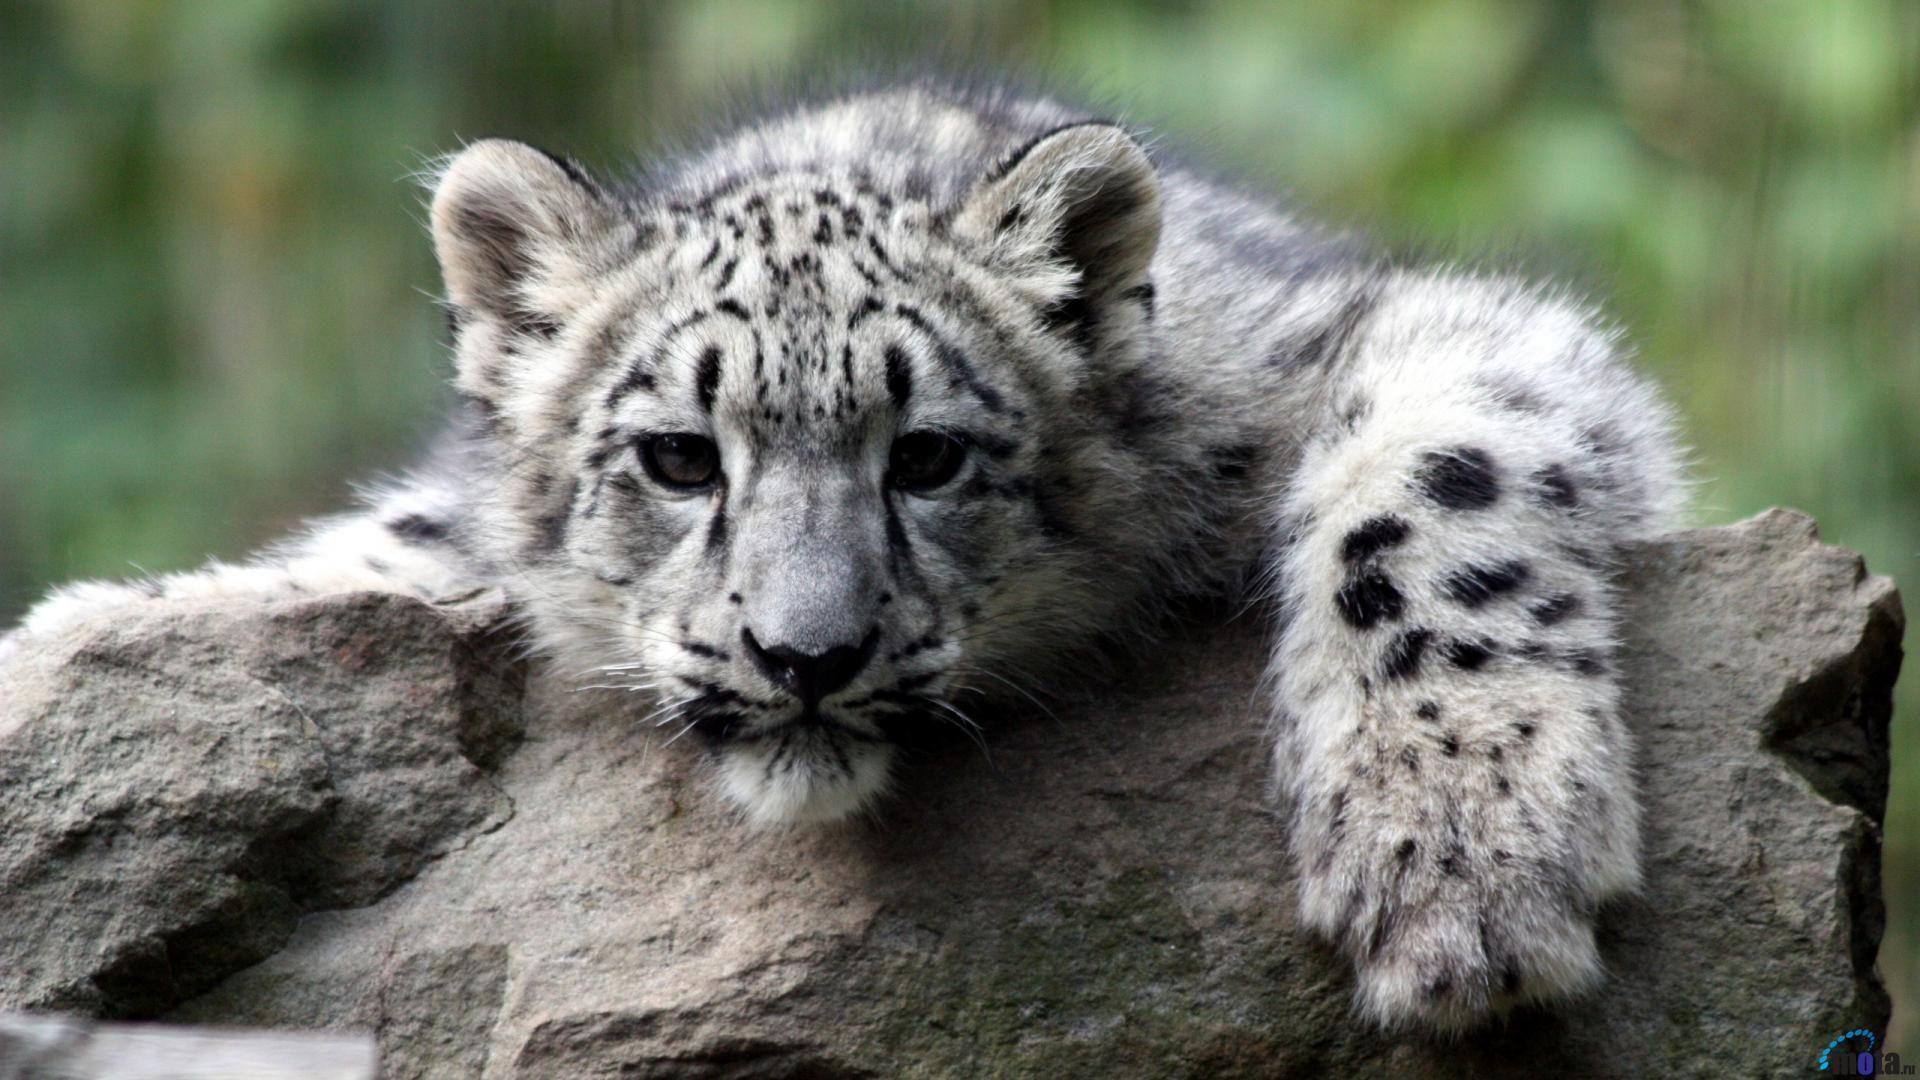 black jaguar wallpapers p leopard snow leopard car black 1920a—1080 snow leopard wallpaper